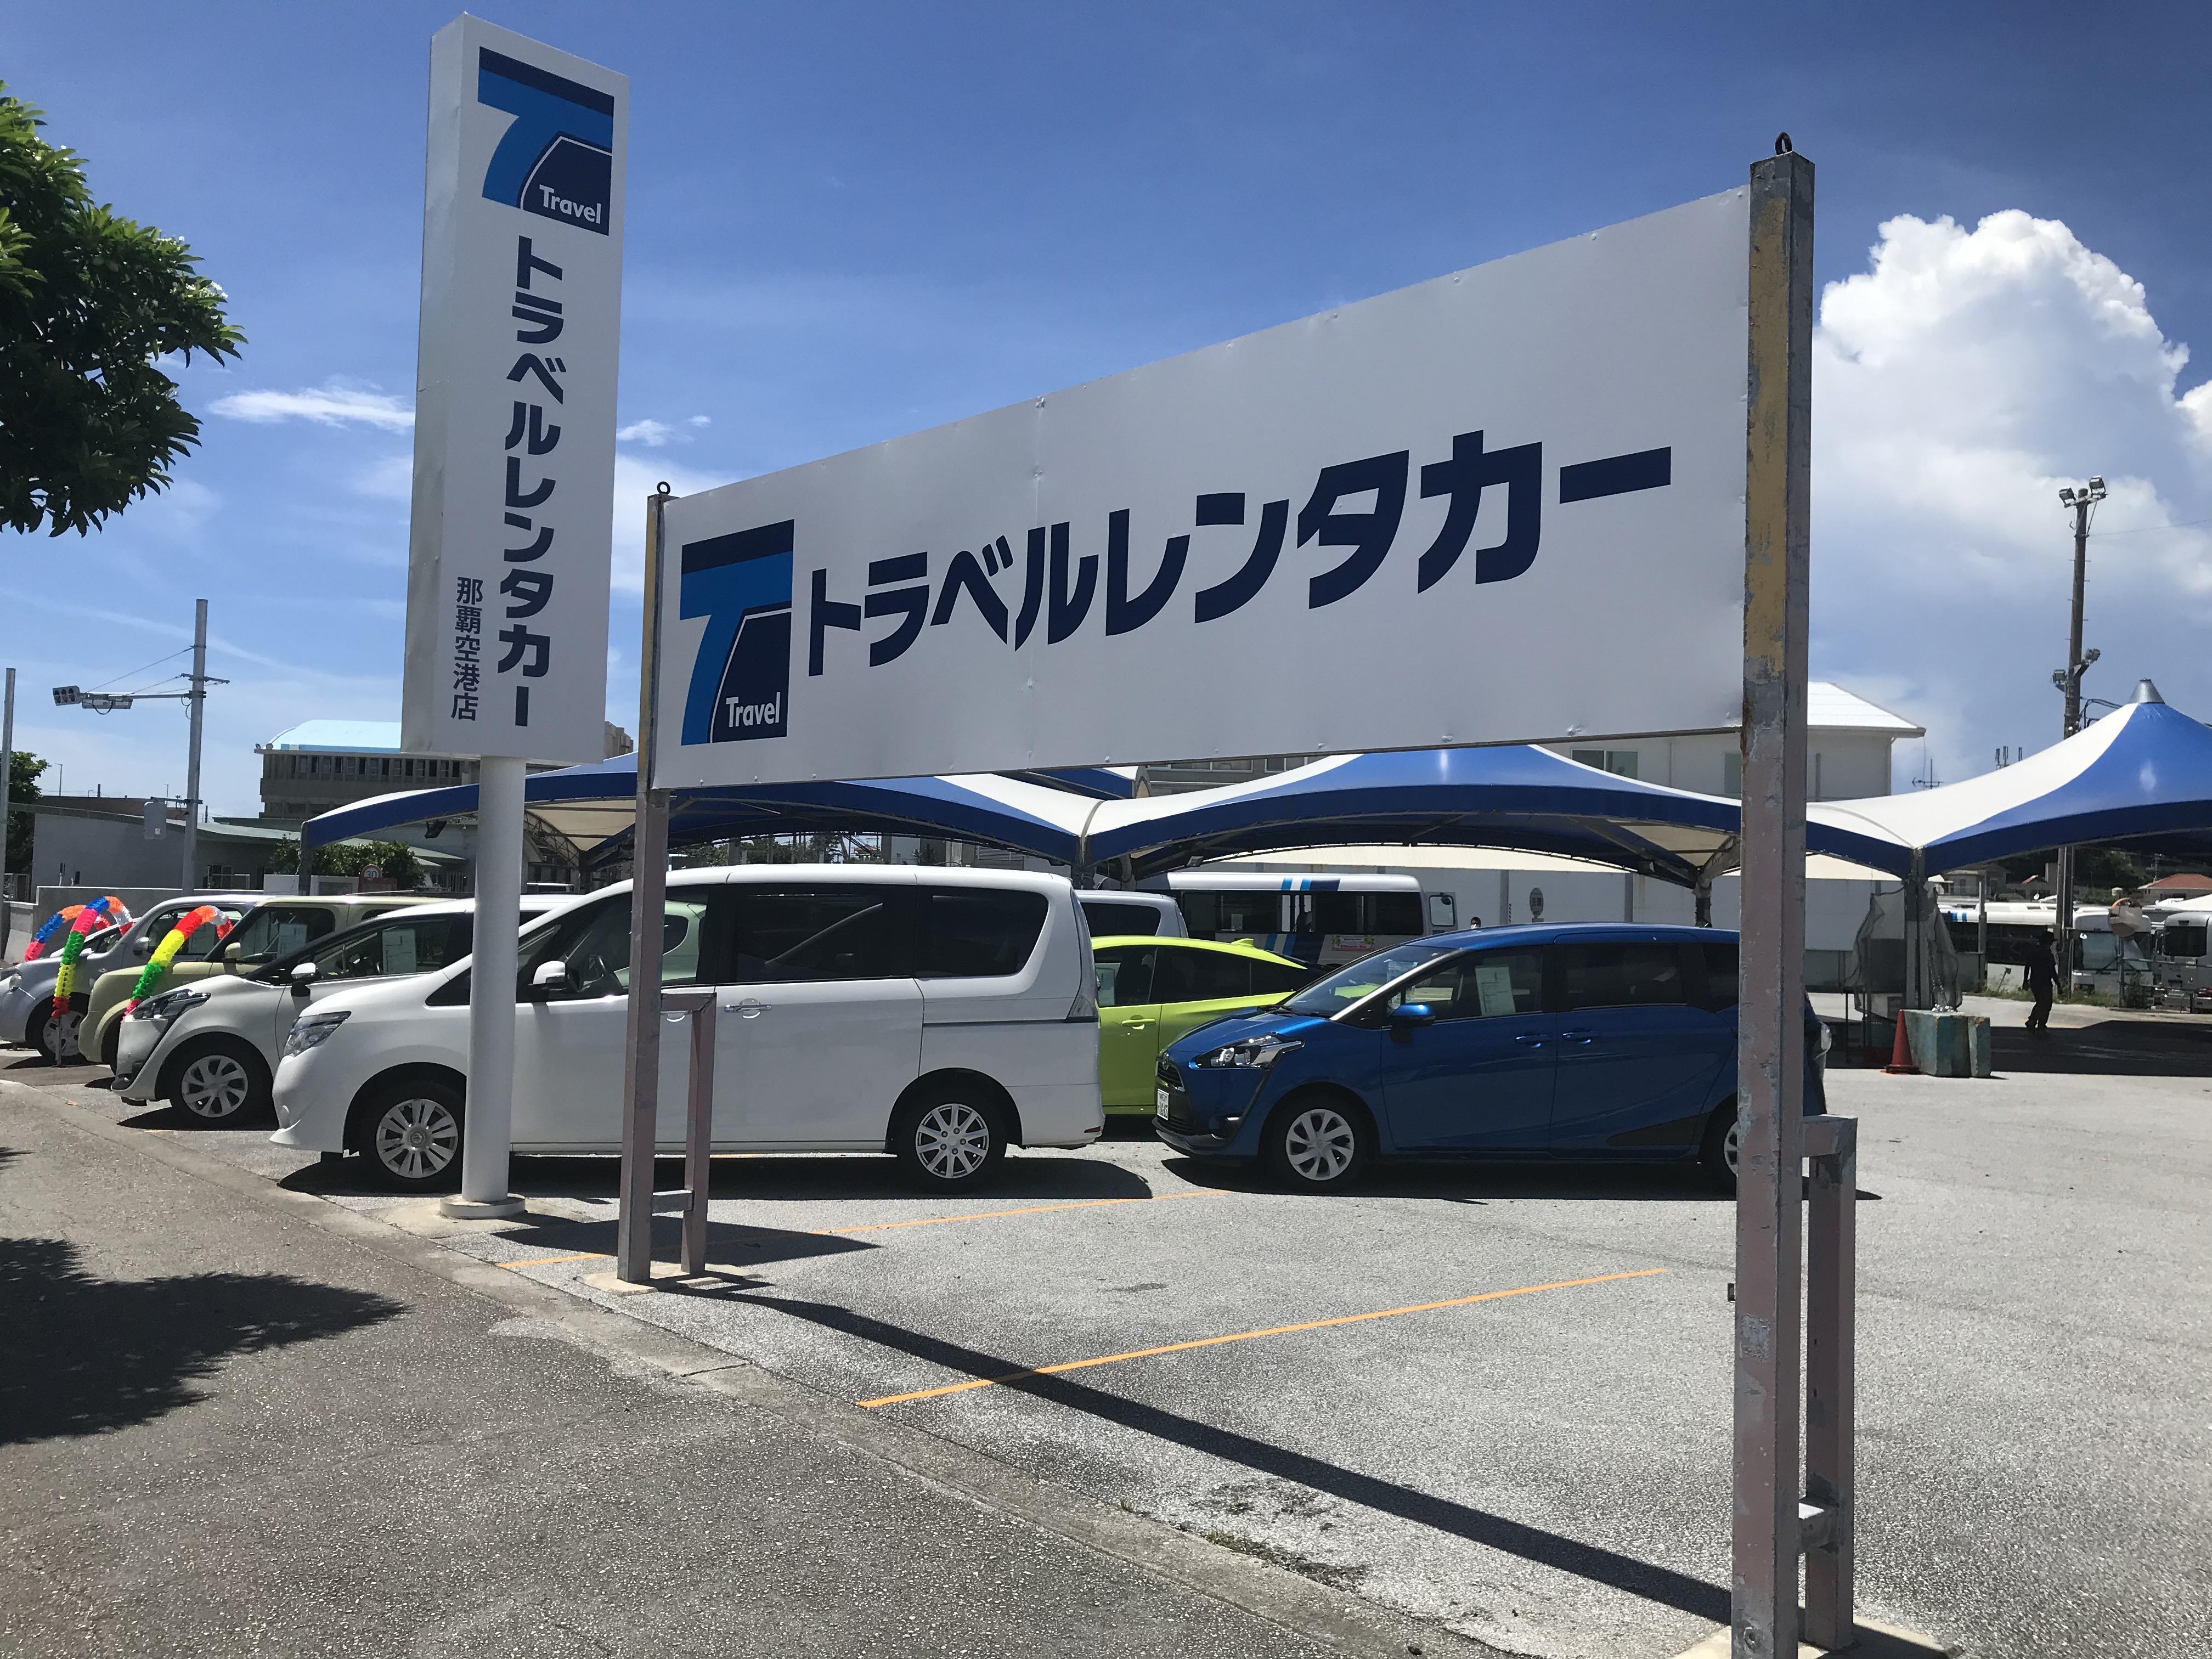 回送・洗車スタッフ募集★宮古島で働こう‼1ヶ月~2ヶ月短期&期間限定OK★